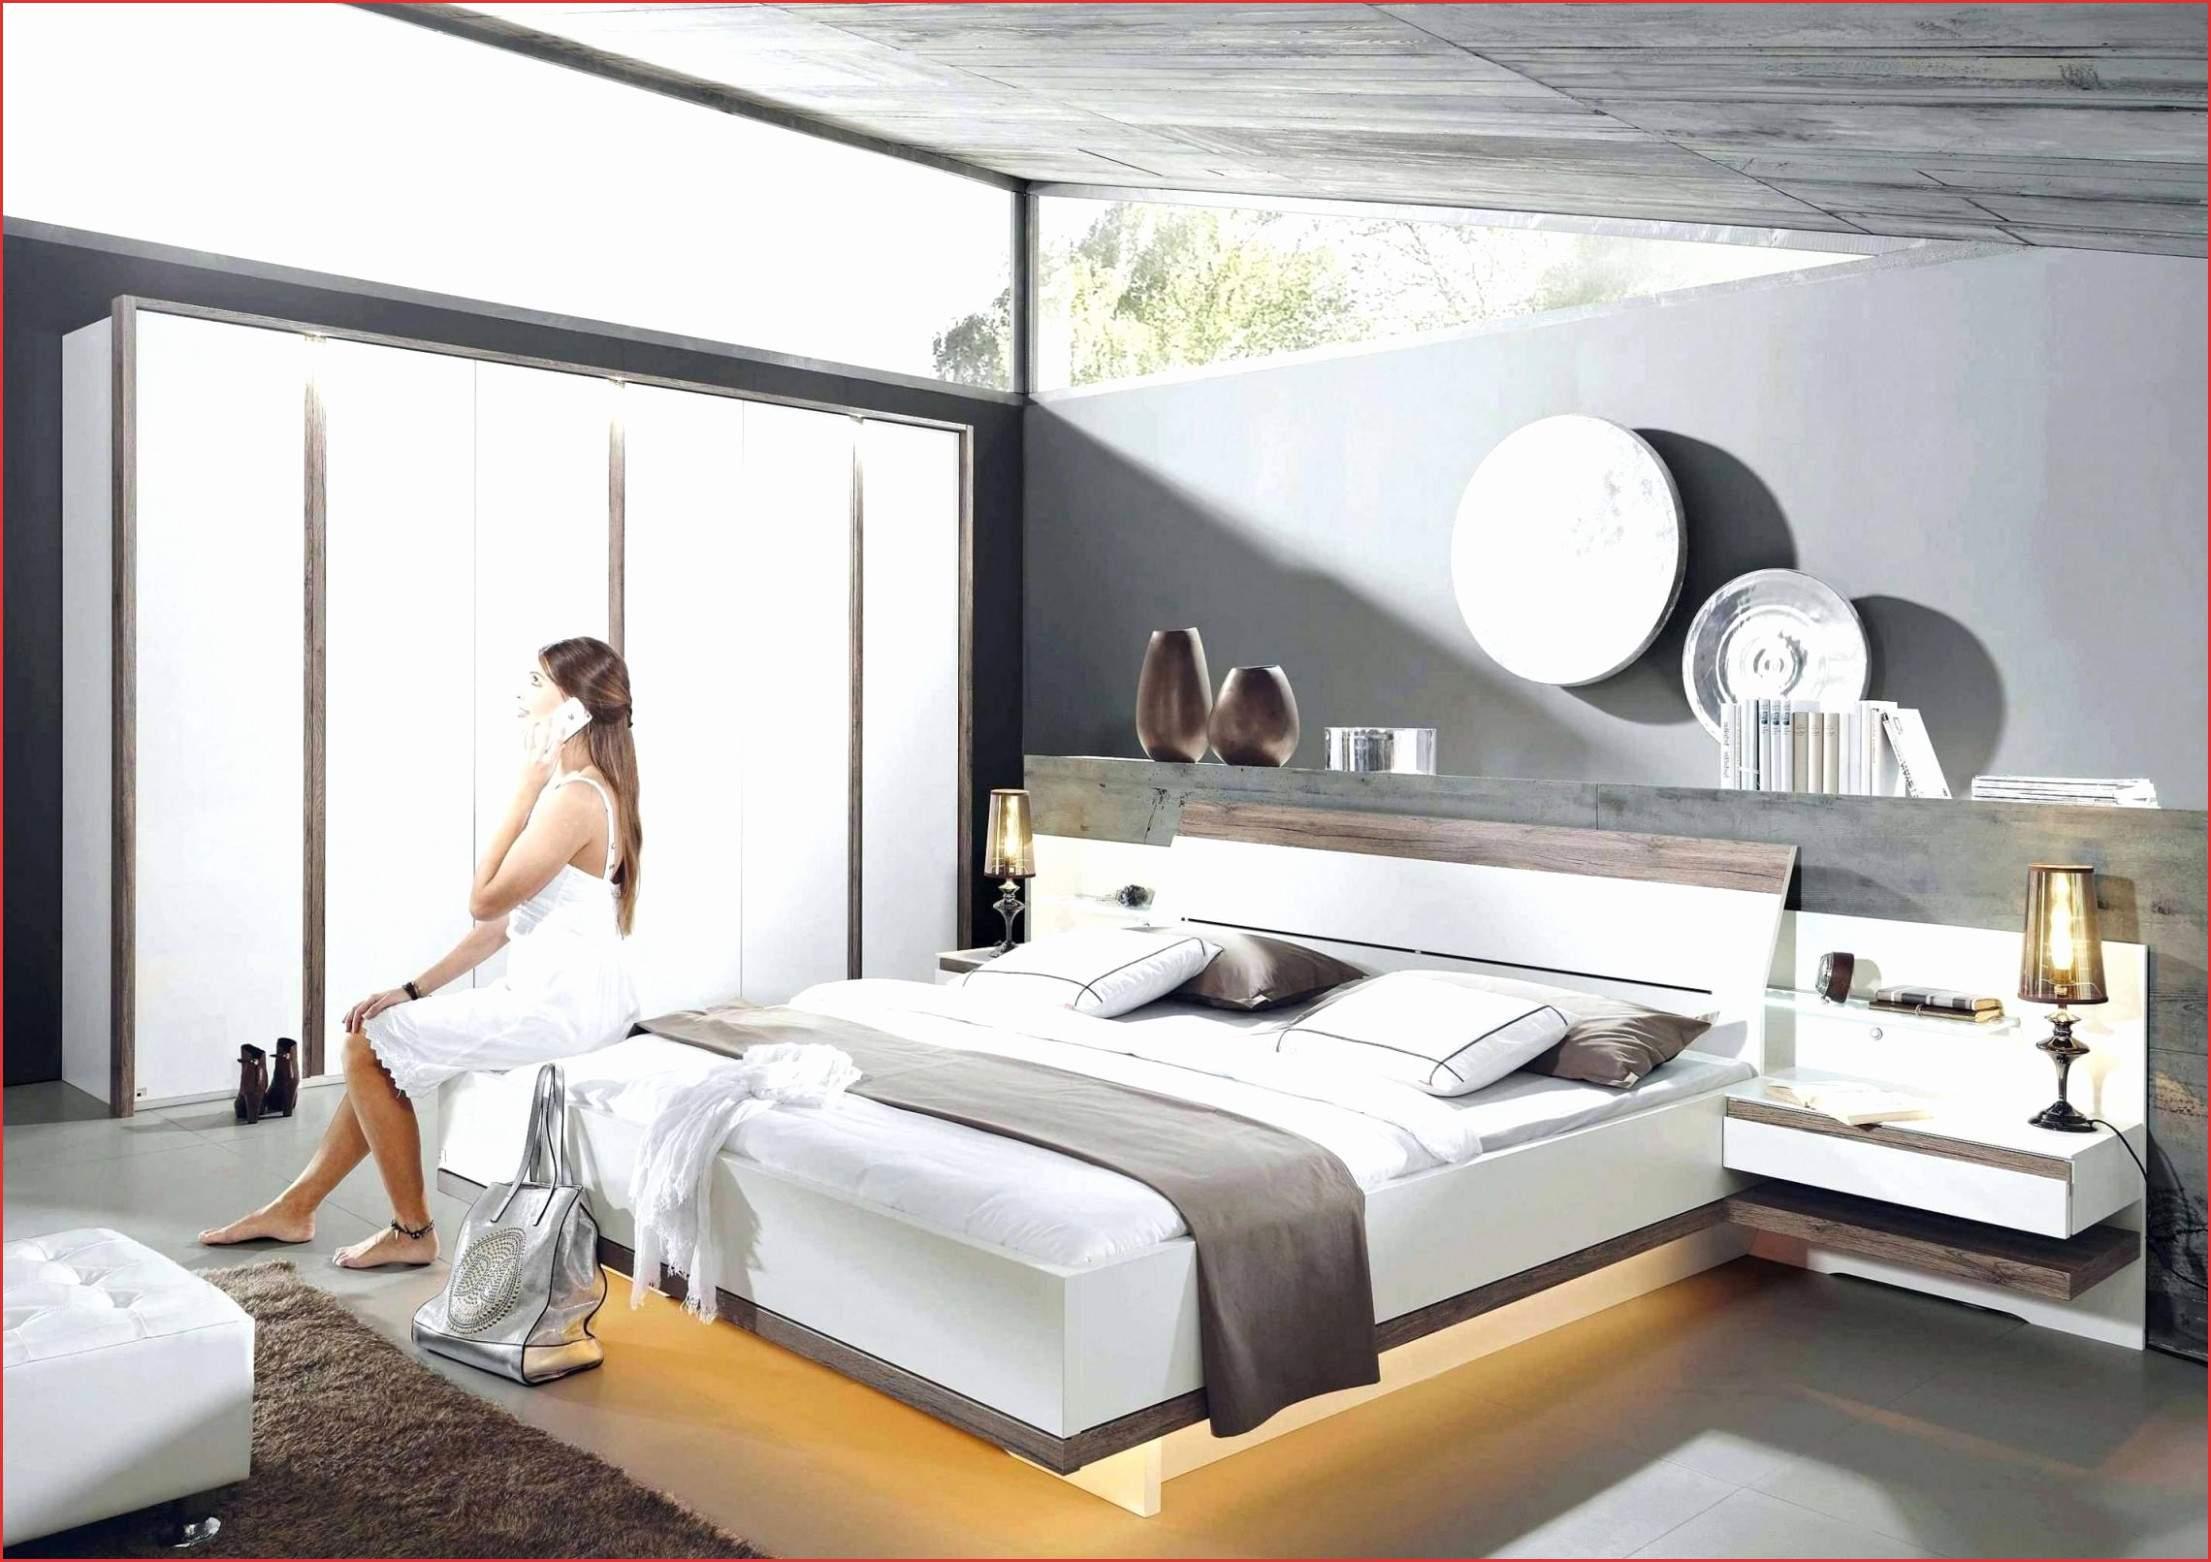 Full Size of Schlafzimmer Wandleuchte Mit Kabel Wandleuchten Led Schalter Holz Bett Stecker Wandlampe Leselampe Ikea überbau Rauch Lampe Loddenkemper Deckenleuchte Modern Wohnzimmer Schlafzimmer Wandleuchte